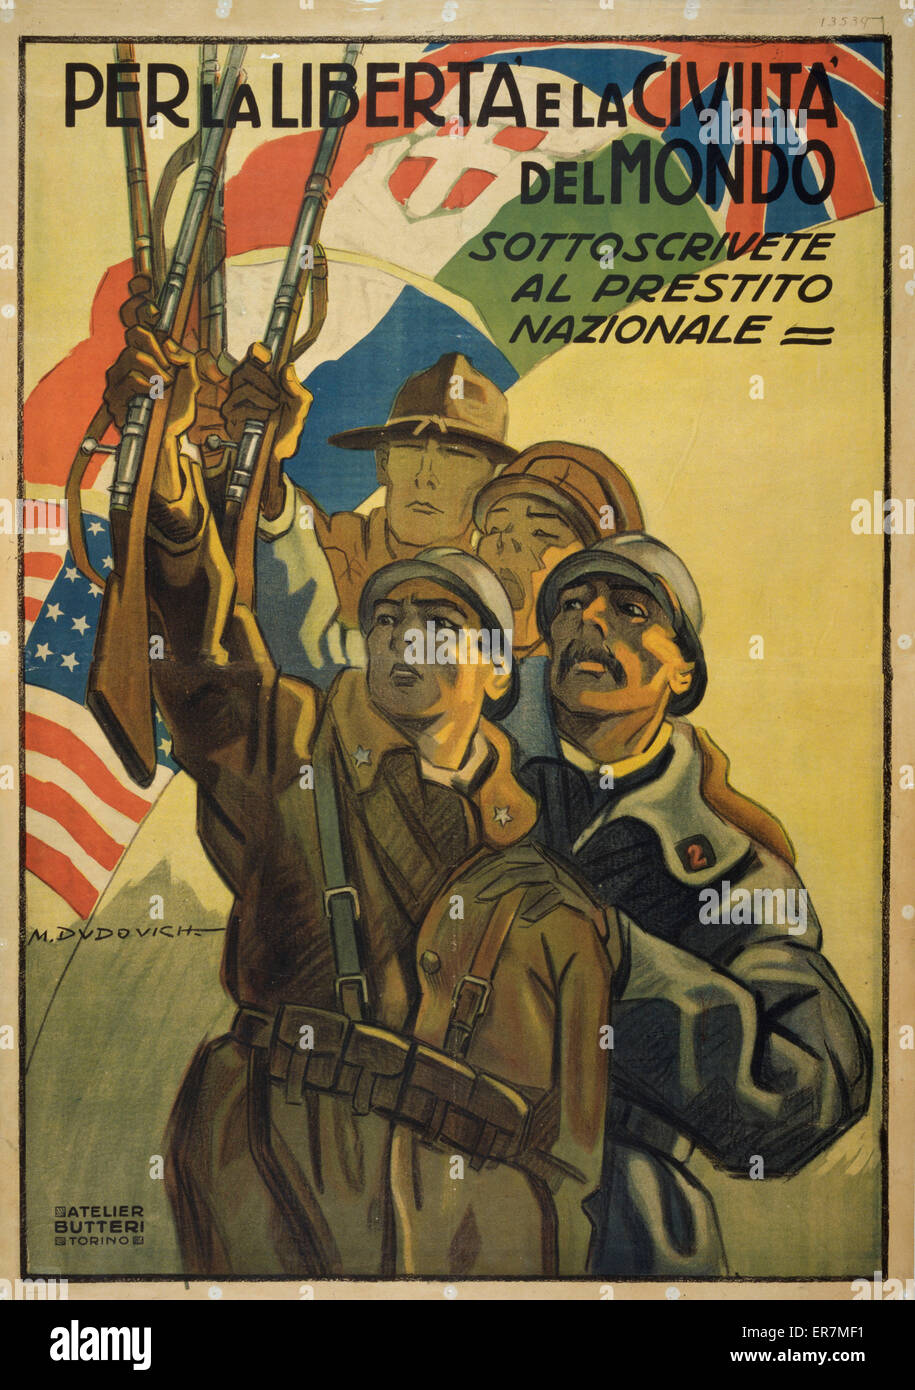 Per la liberte e la civilte del mondo. Poster shows soldiers from Italy, Great Britain, France and the United States - Stock Image